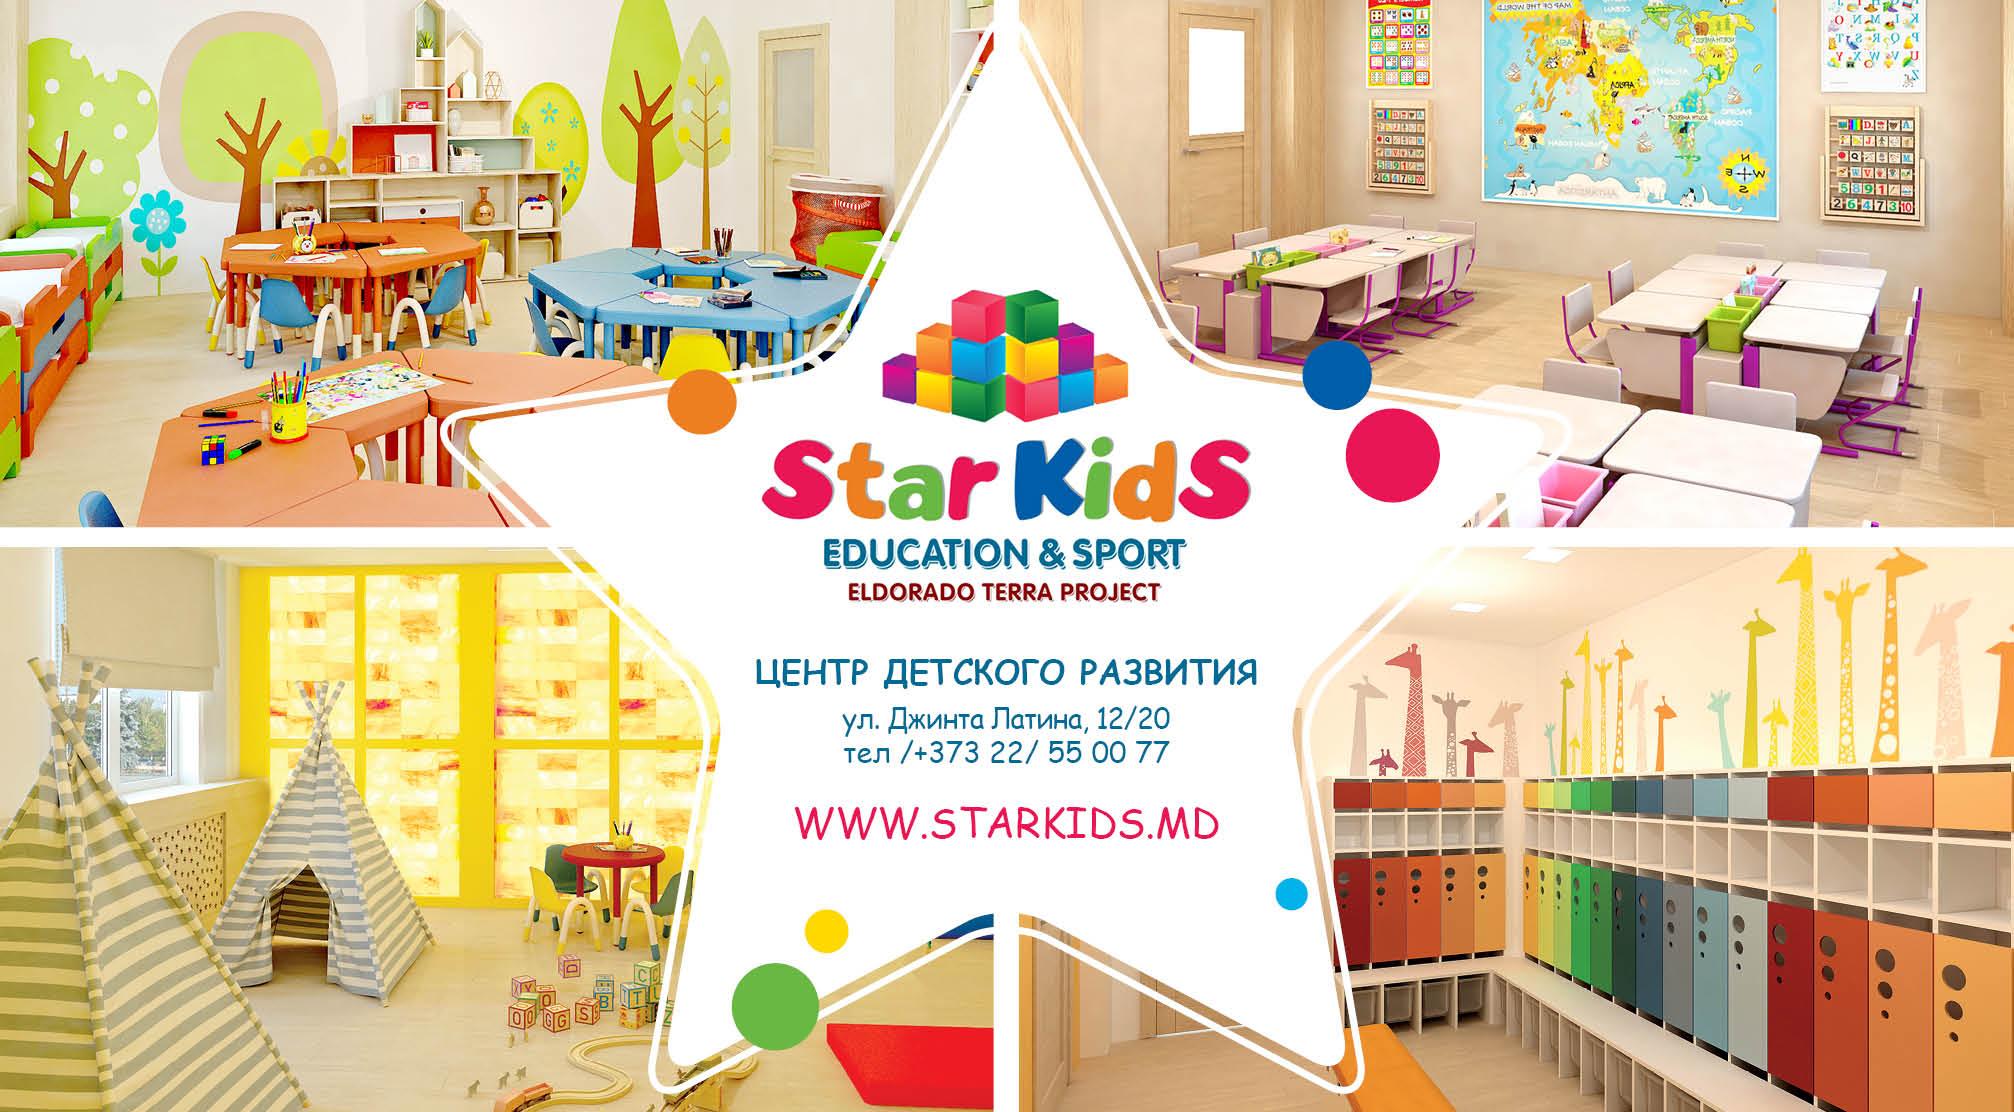 Eldorado Star Kids